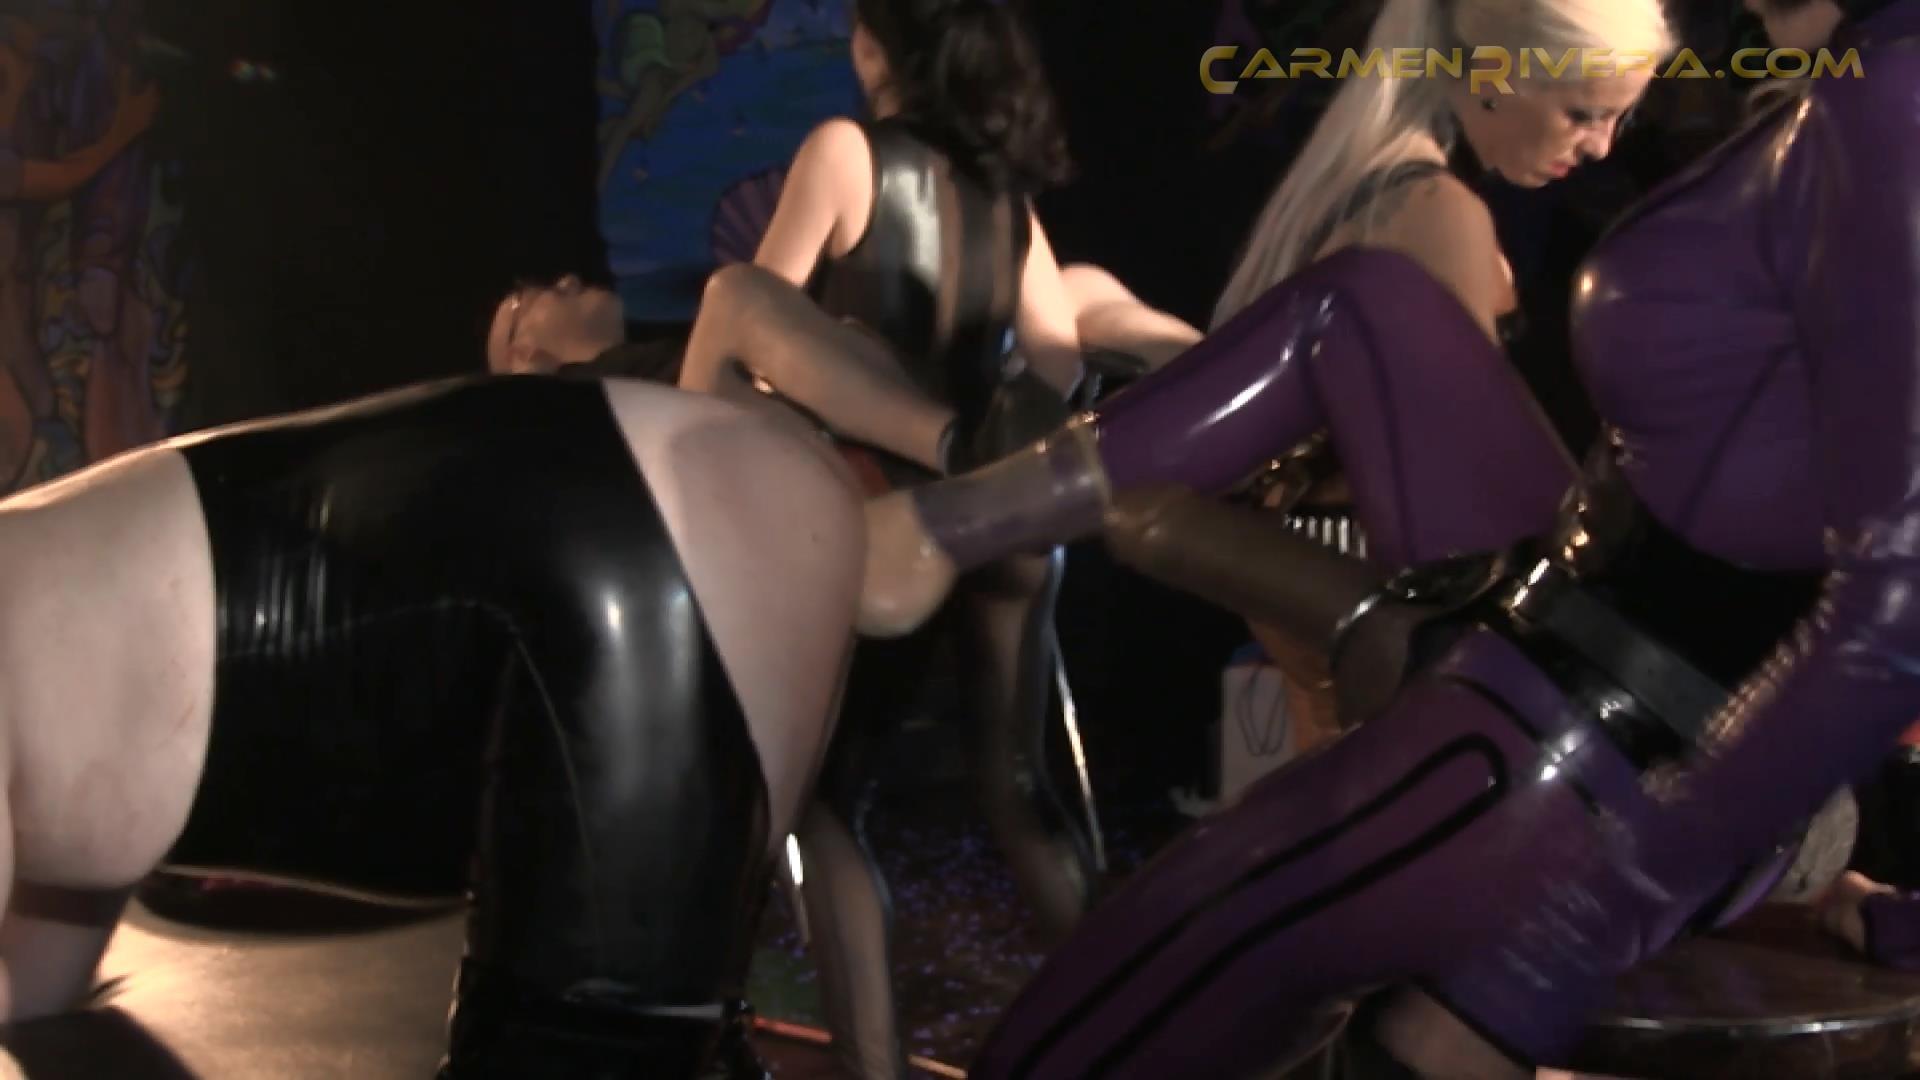 Baronessa Carmen Di Rivera In Scene: What a Fuck / KitKat Club Part 3 - YOURMISTRESS - FULL HD/1080p/MP4